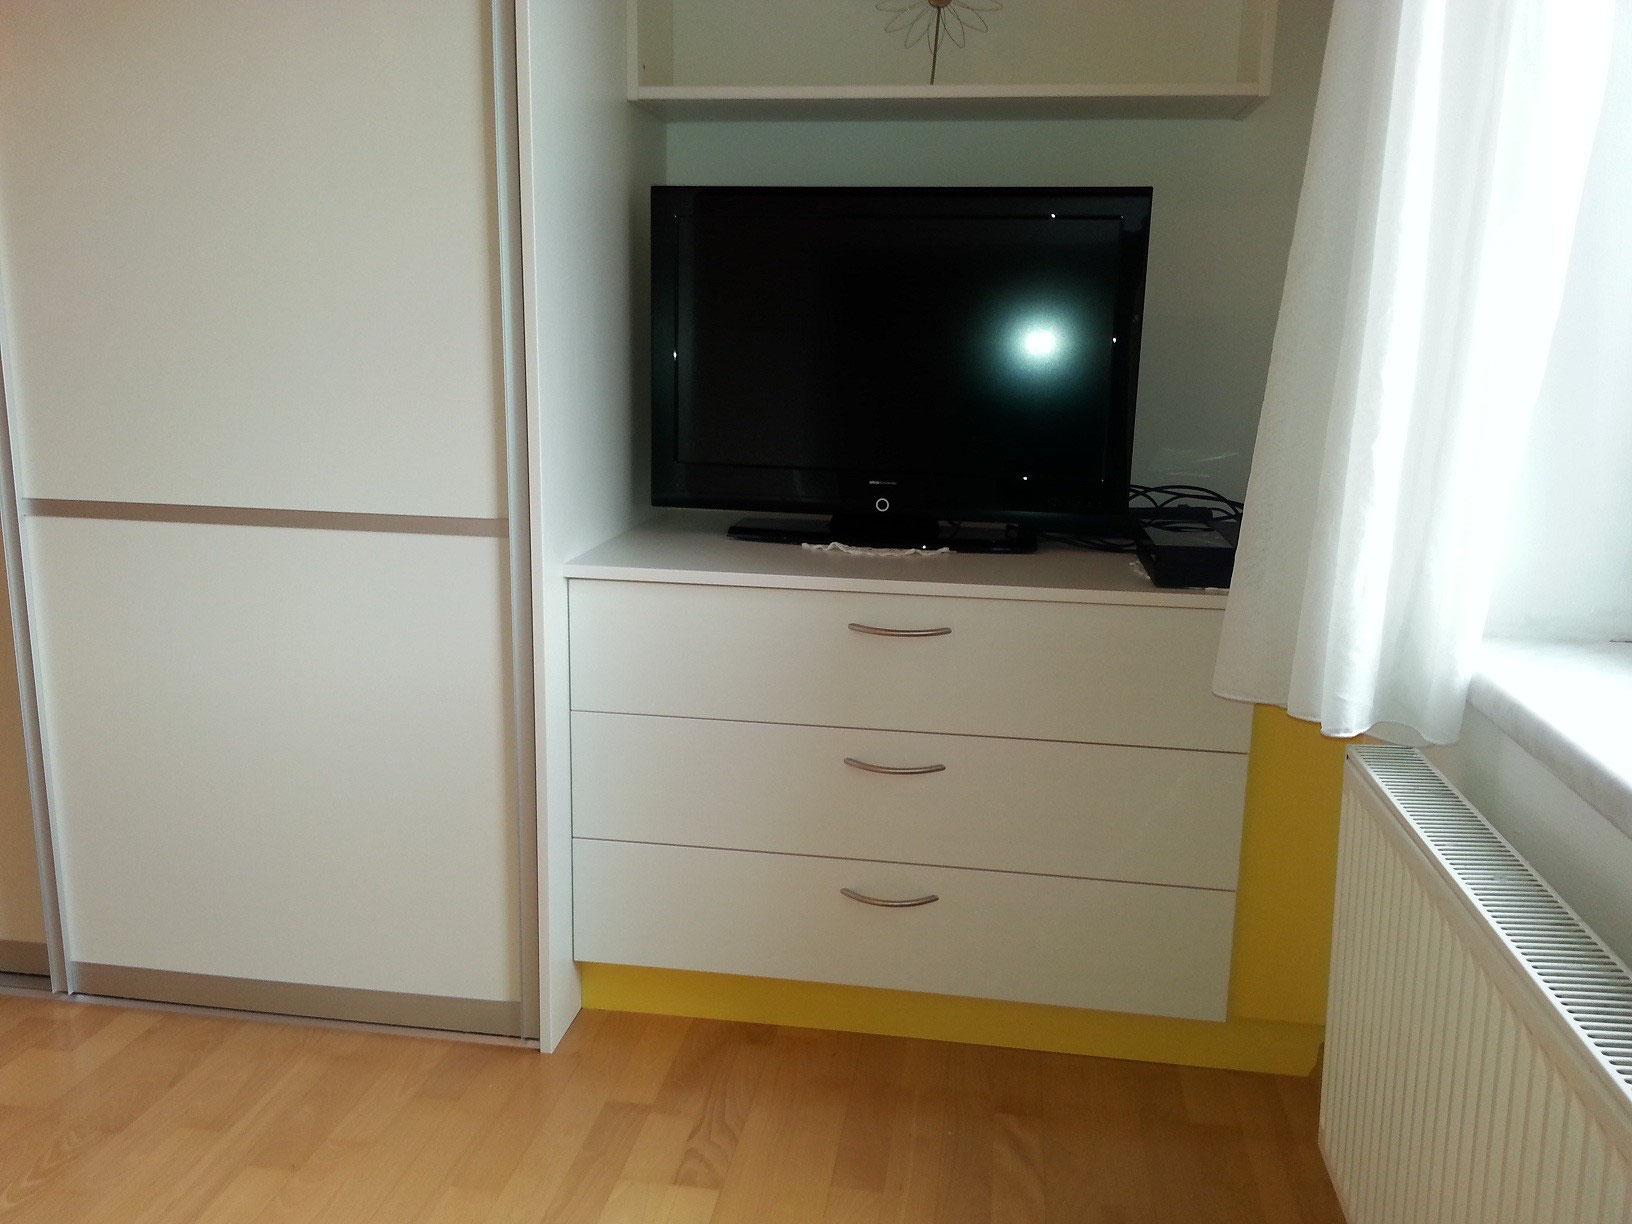 Arbeitszimmer Im Schlafzimmer Integrieren | Alles Am Rechten Platz ...